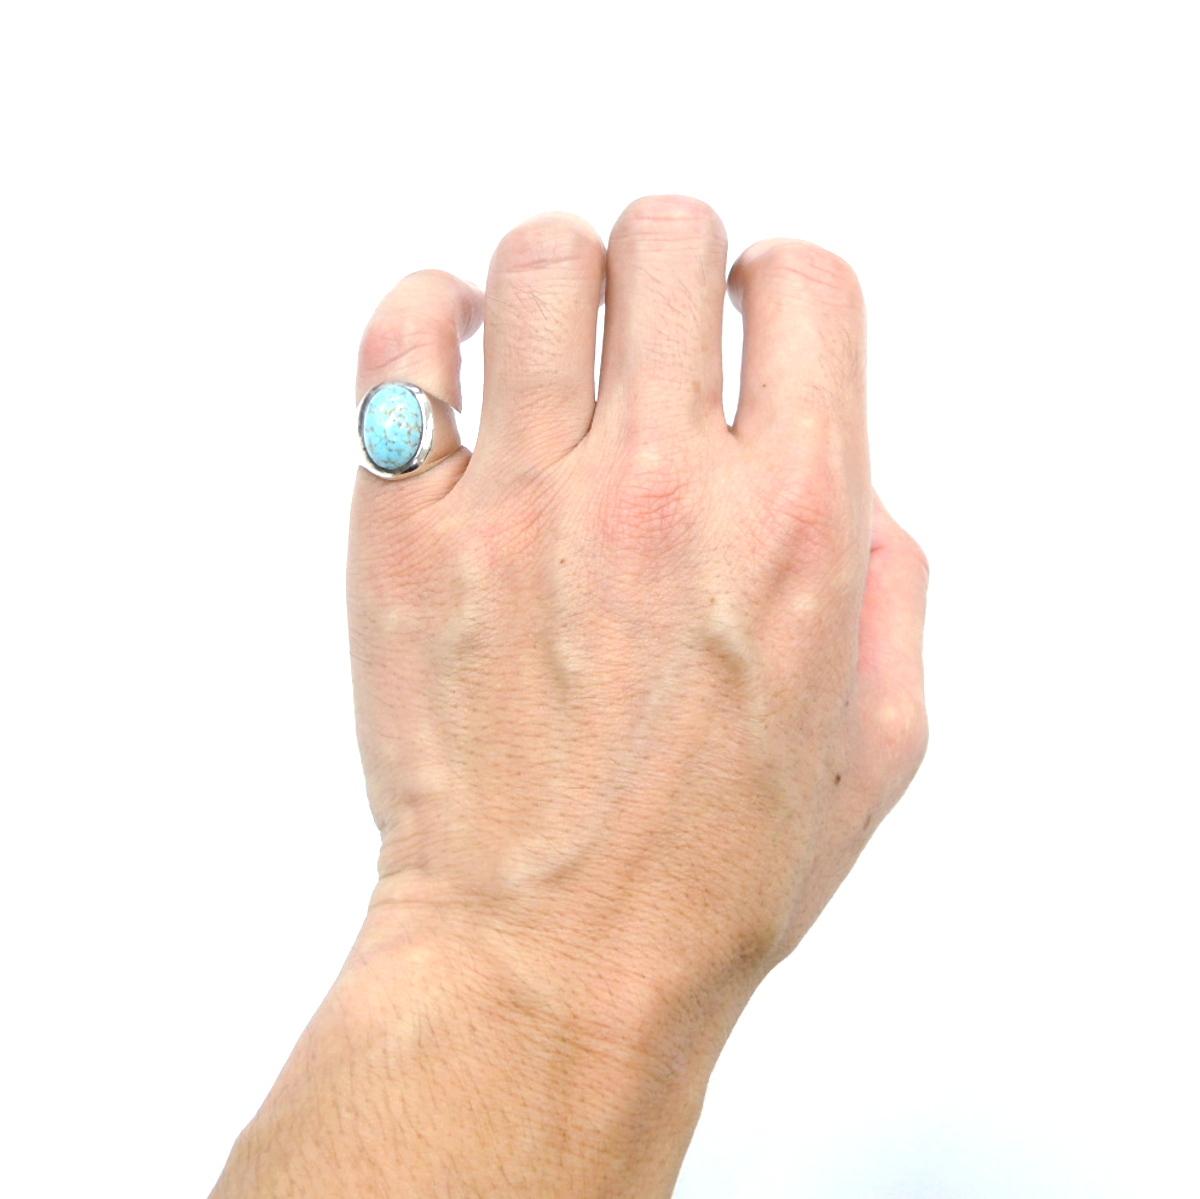 ☆送料無料☆ ビンテージ シルバー 925 メキシコ メキシカン リング インディアン ジュエリー ネイティブ レディース 指輪 アクセサリー_画像8